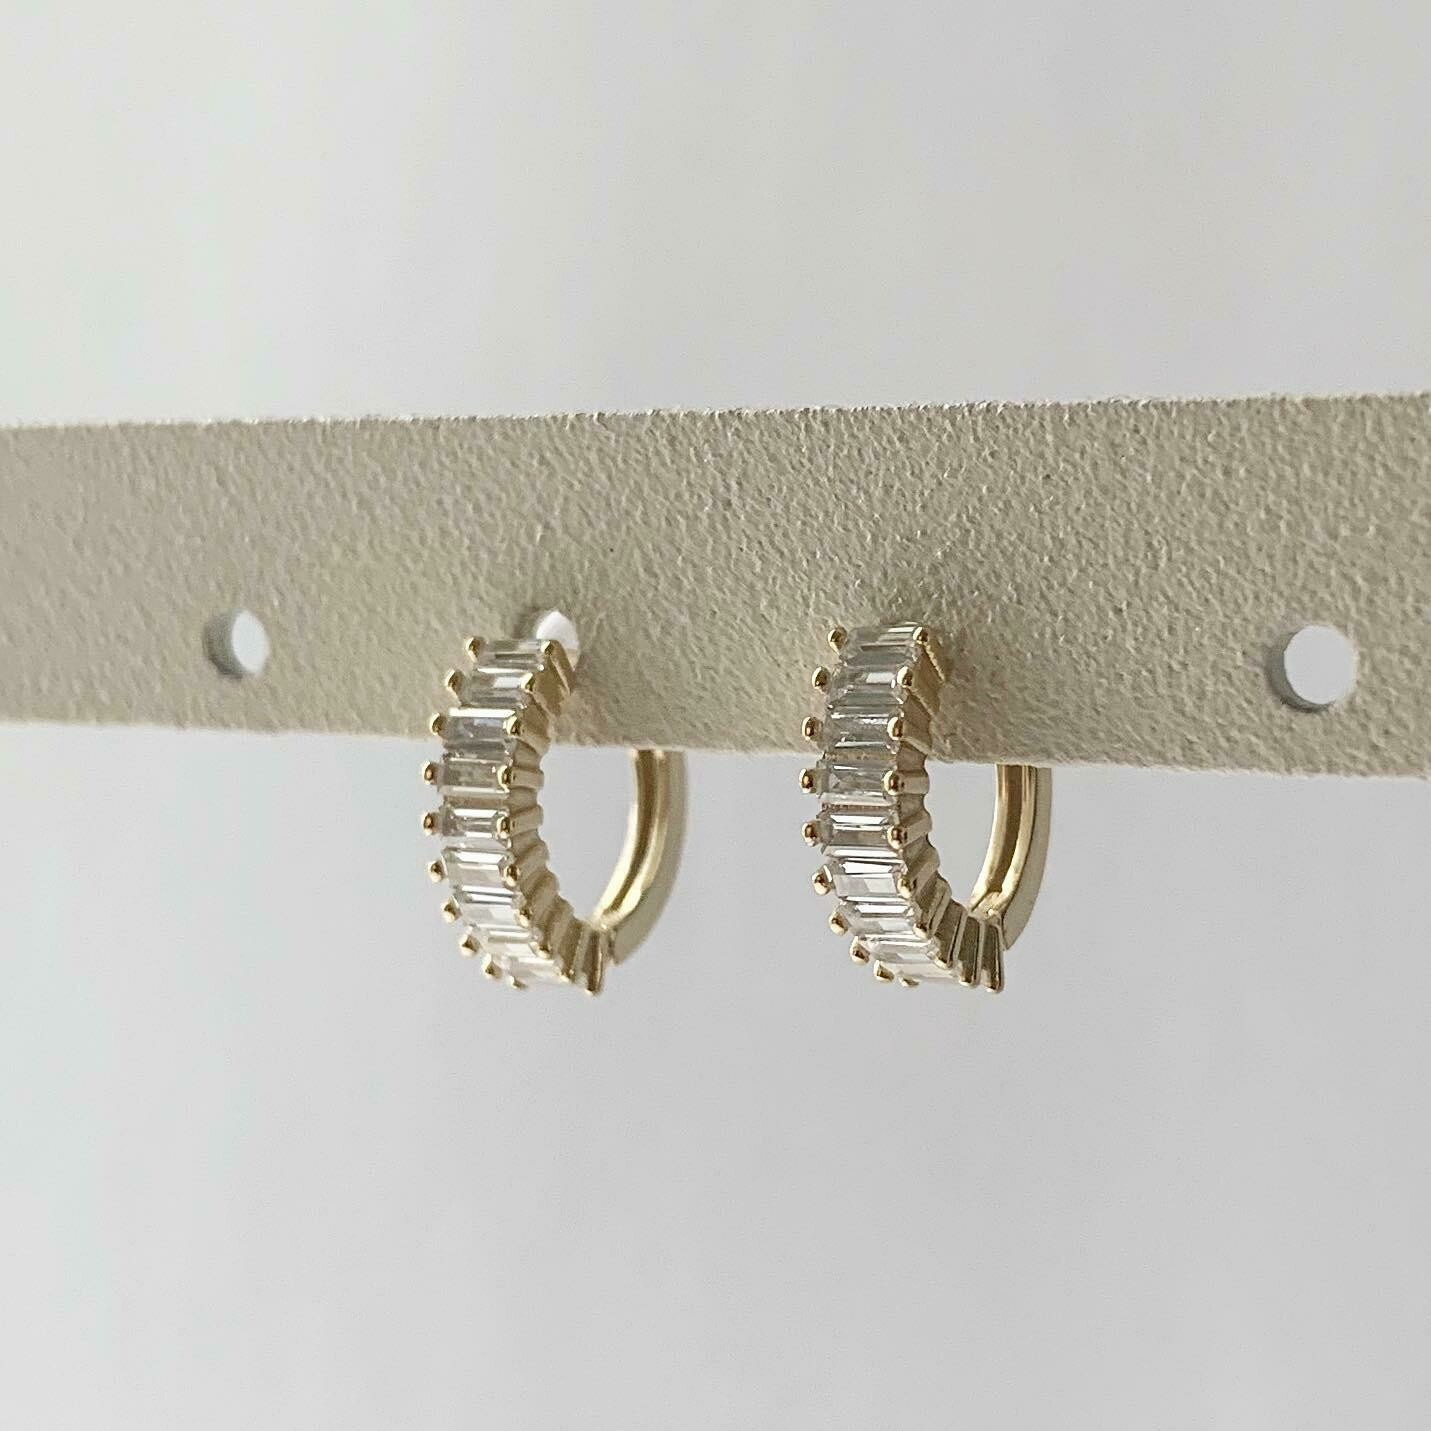 Caterpillar oorringetjes met zirkonia steentjes goud/925 sterling zilver